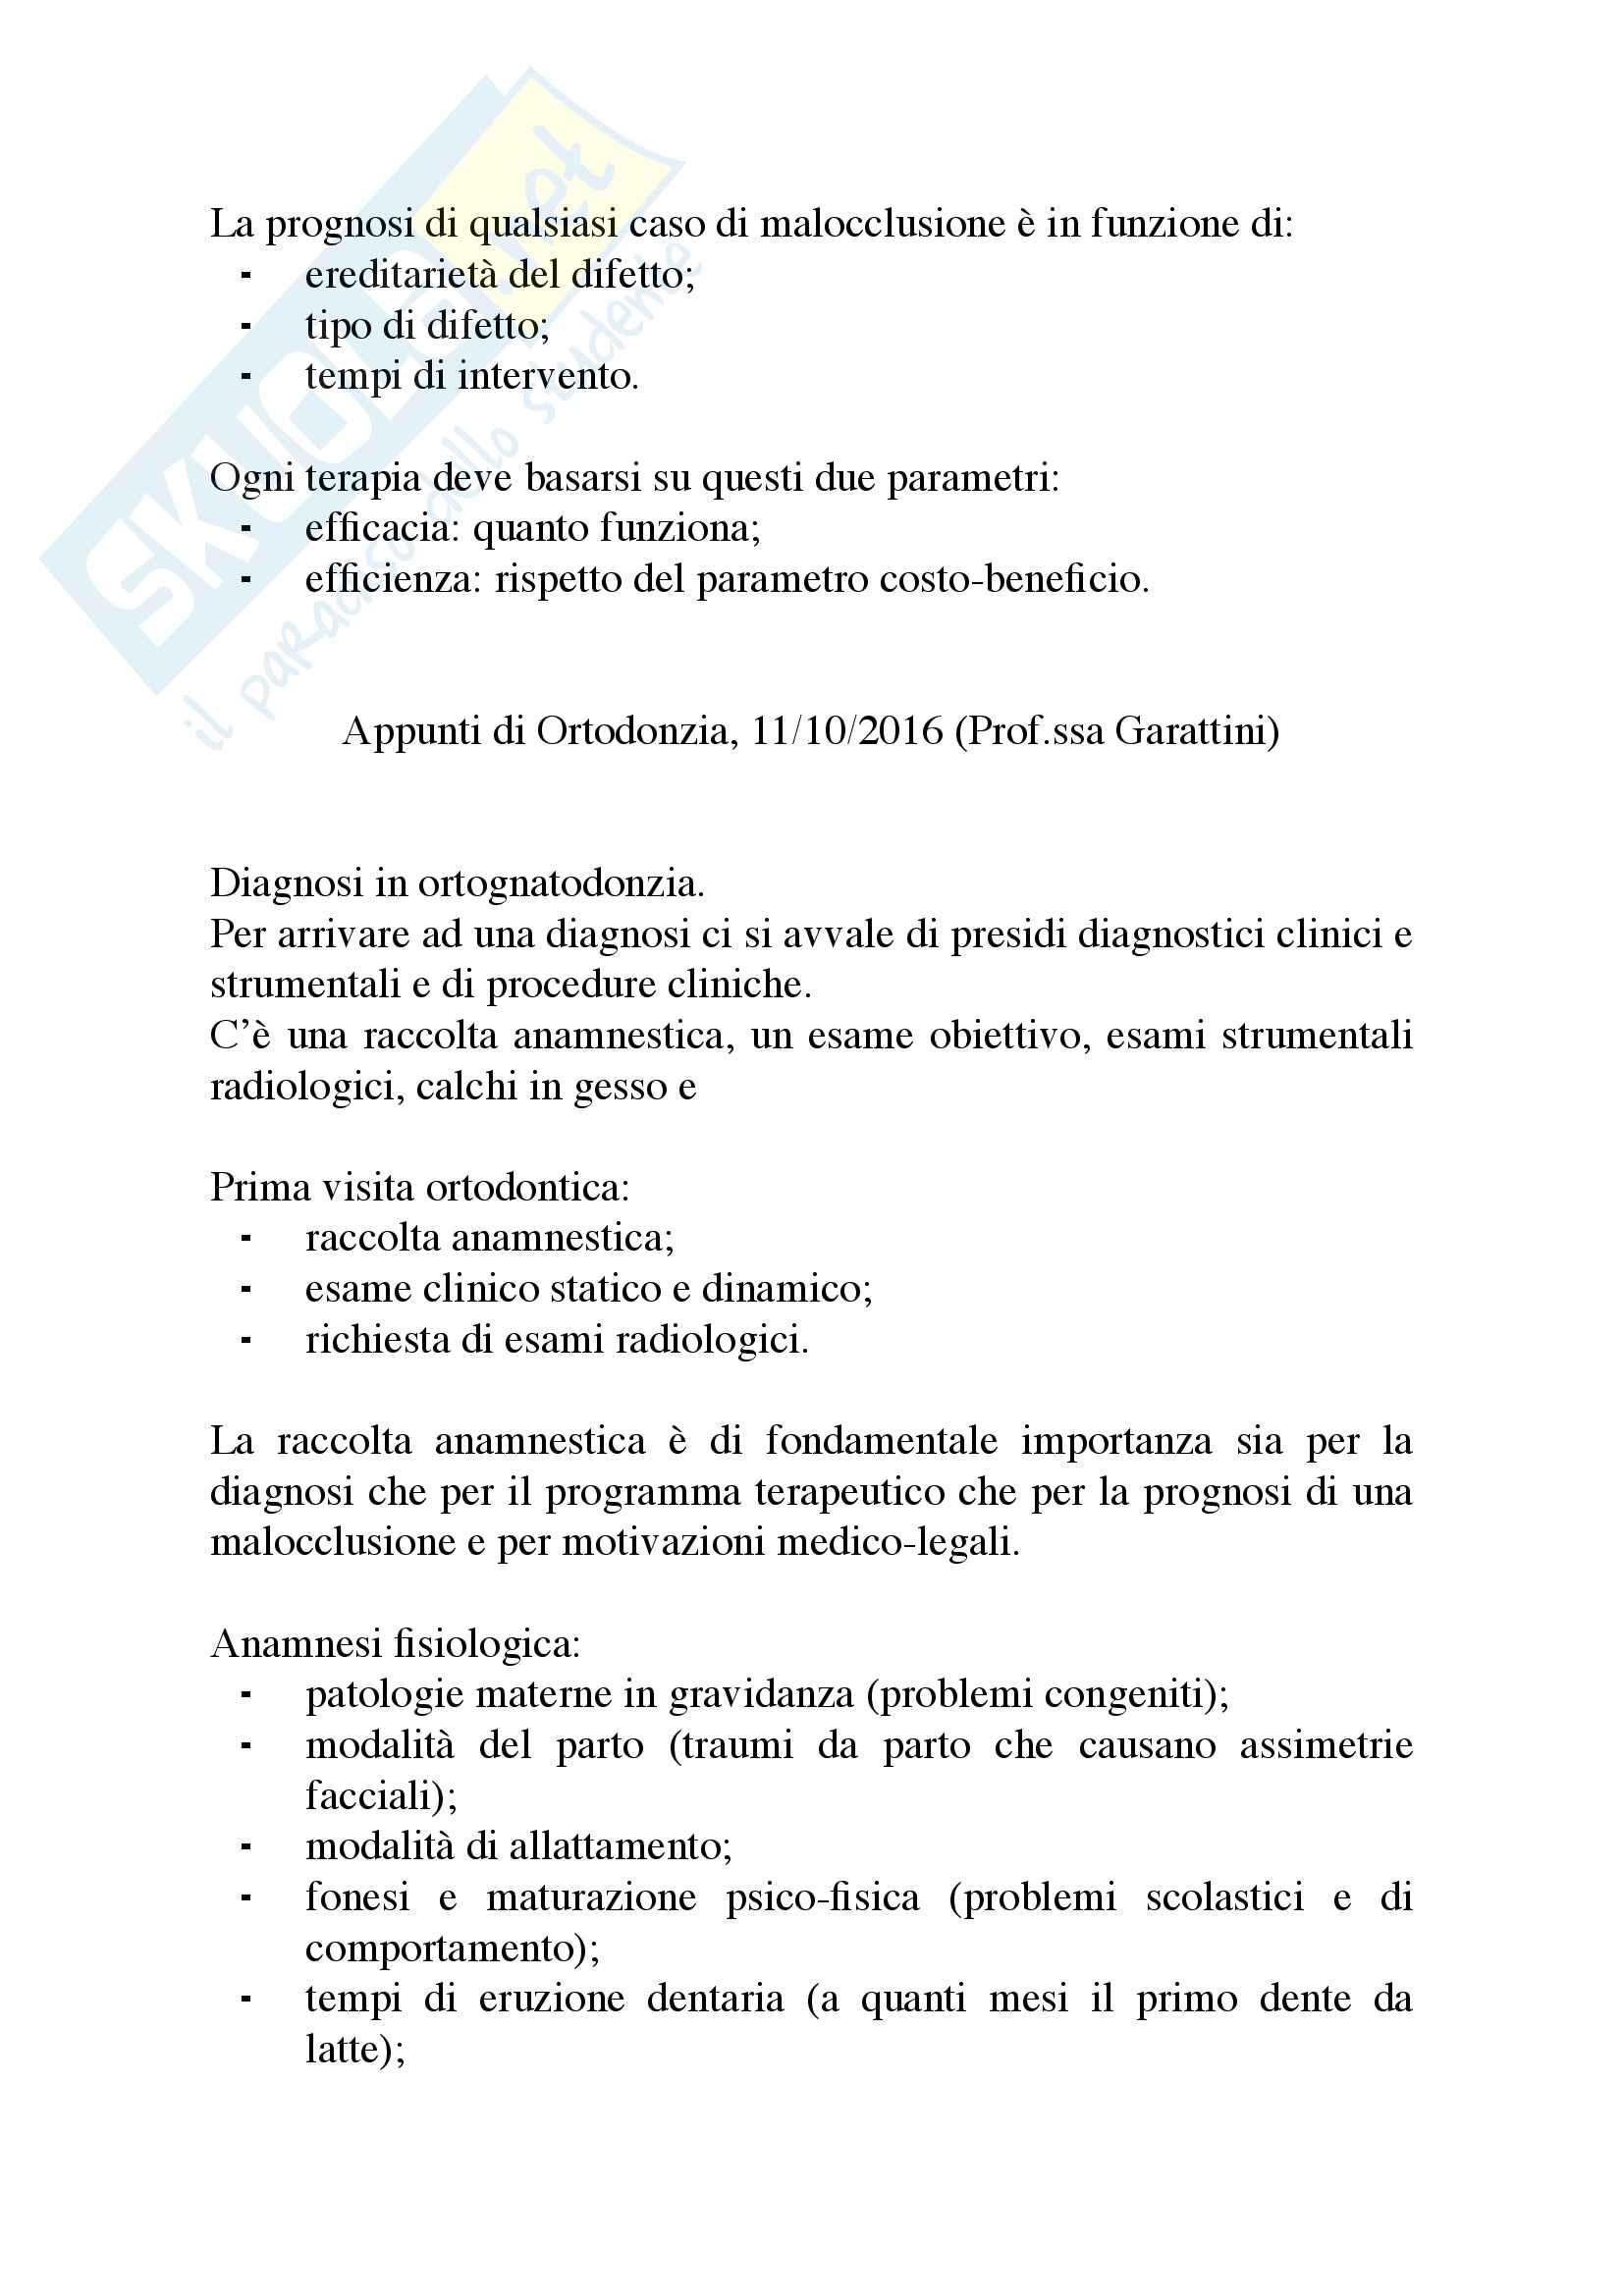 Appunti di Ortodonzia Pag. 6